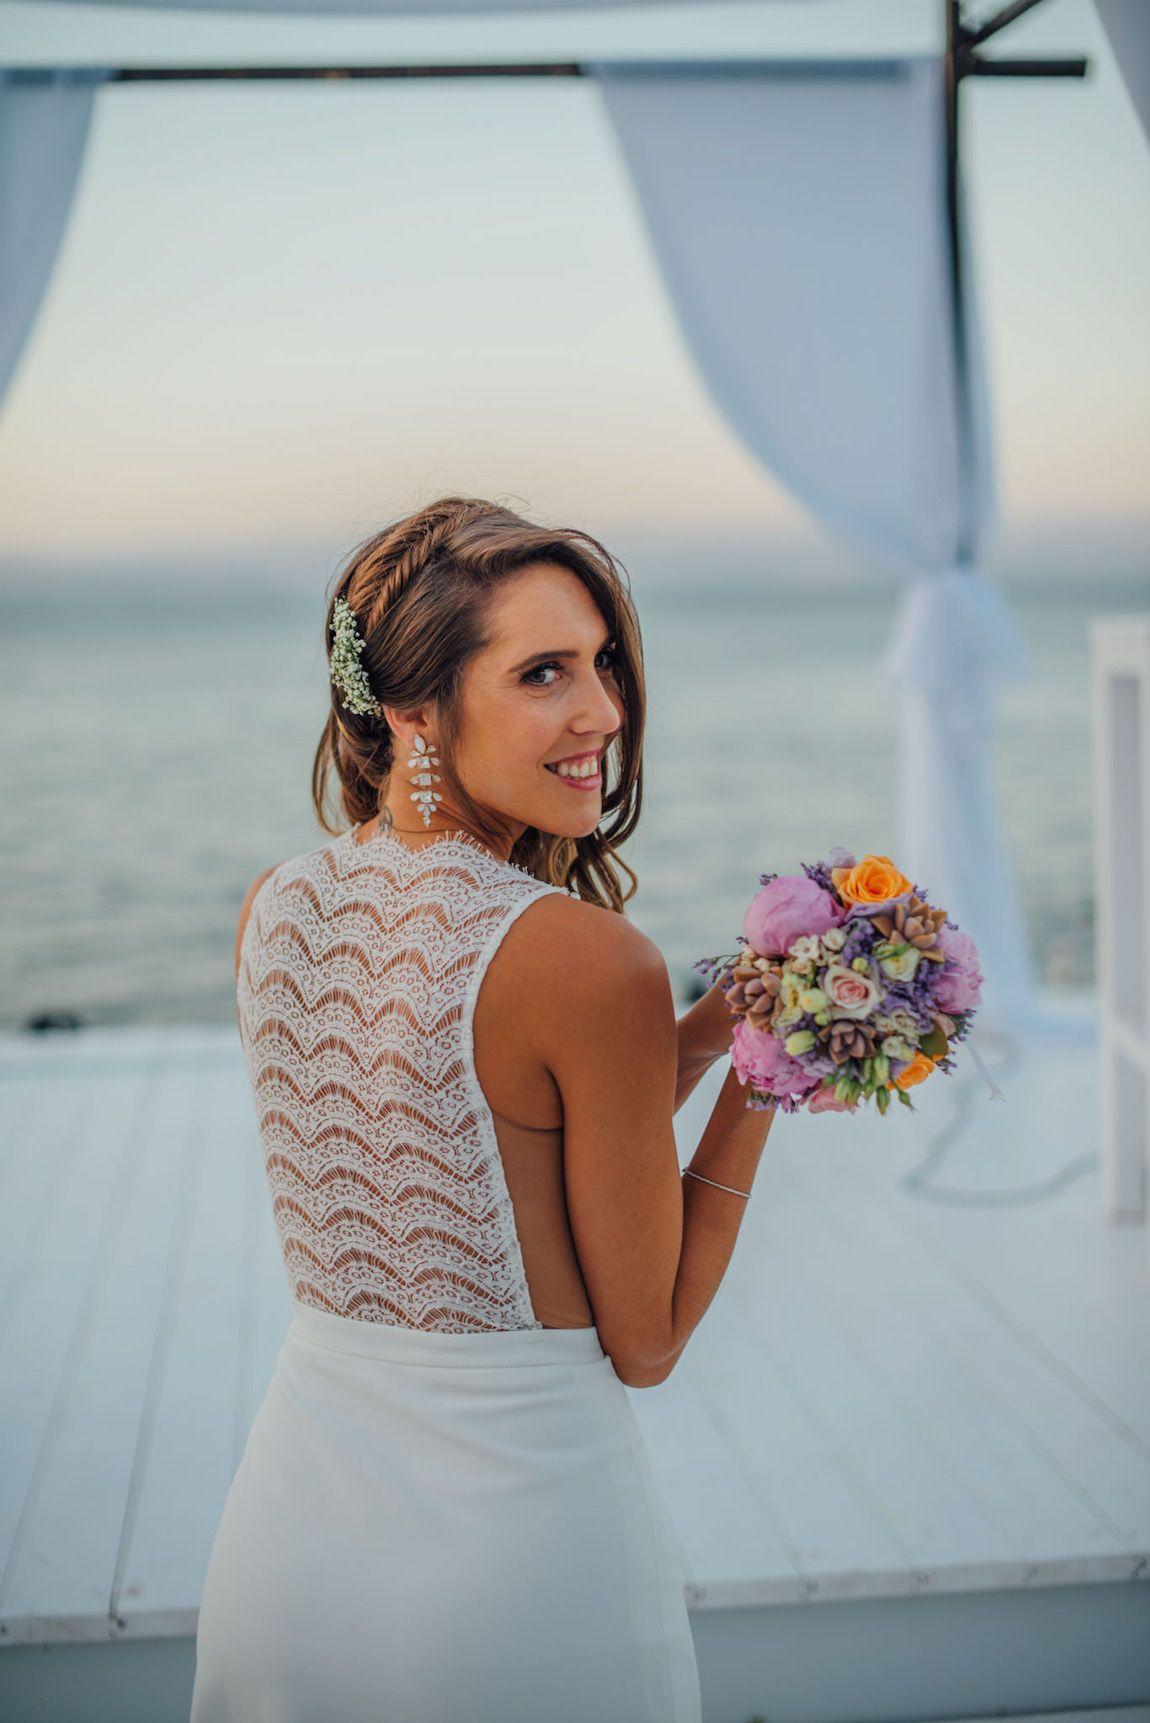 חתונה על חוף ים הכינרת - מיי דיי